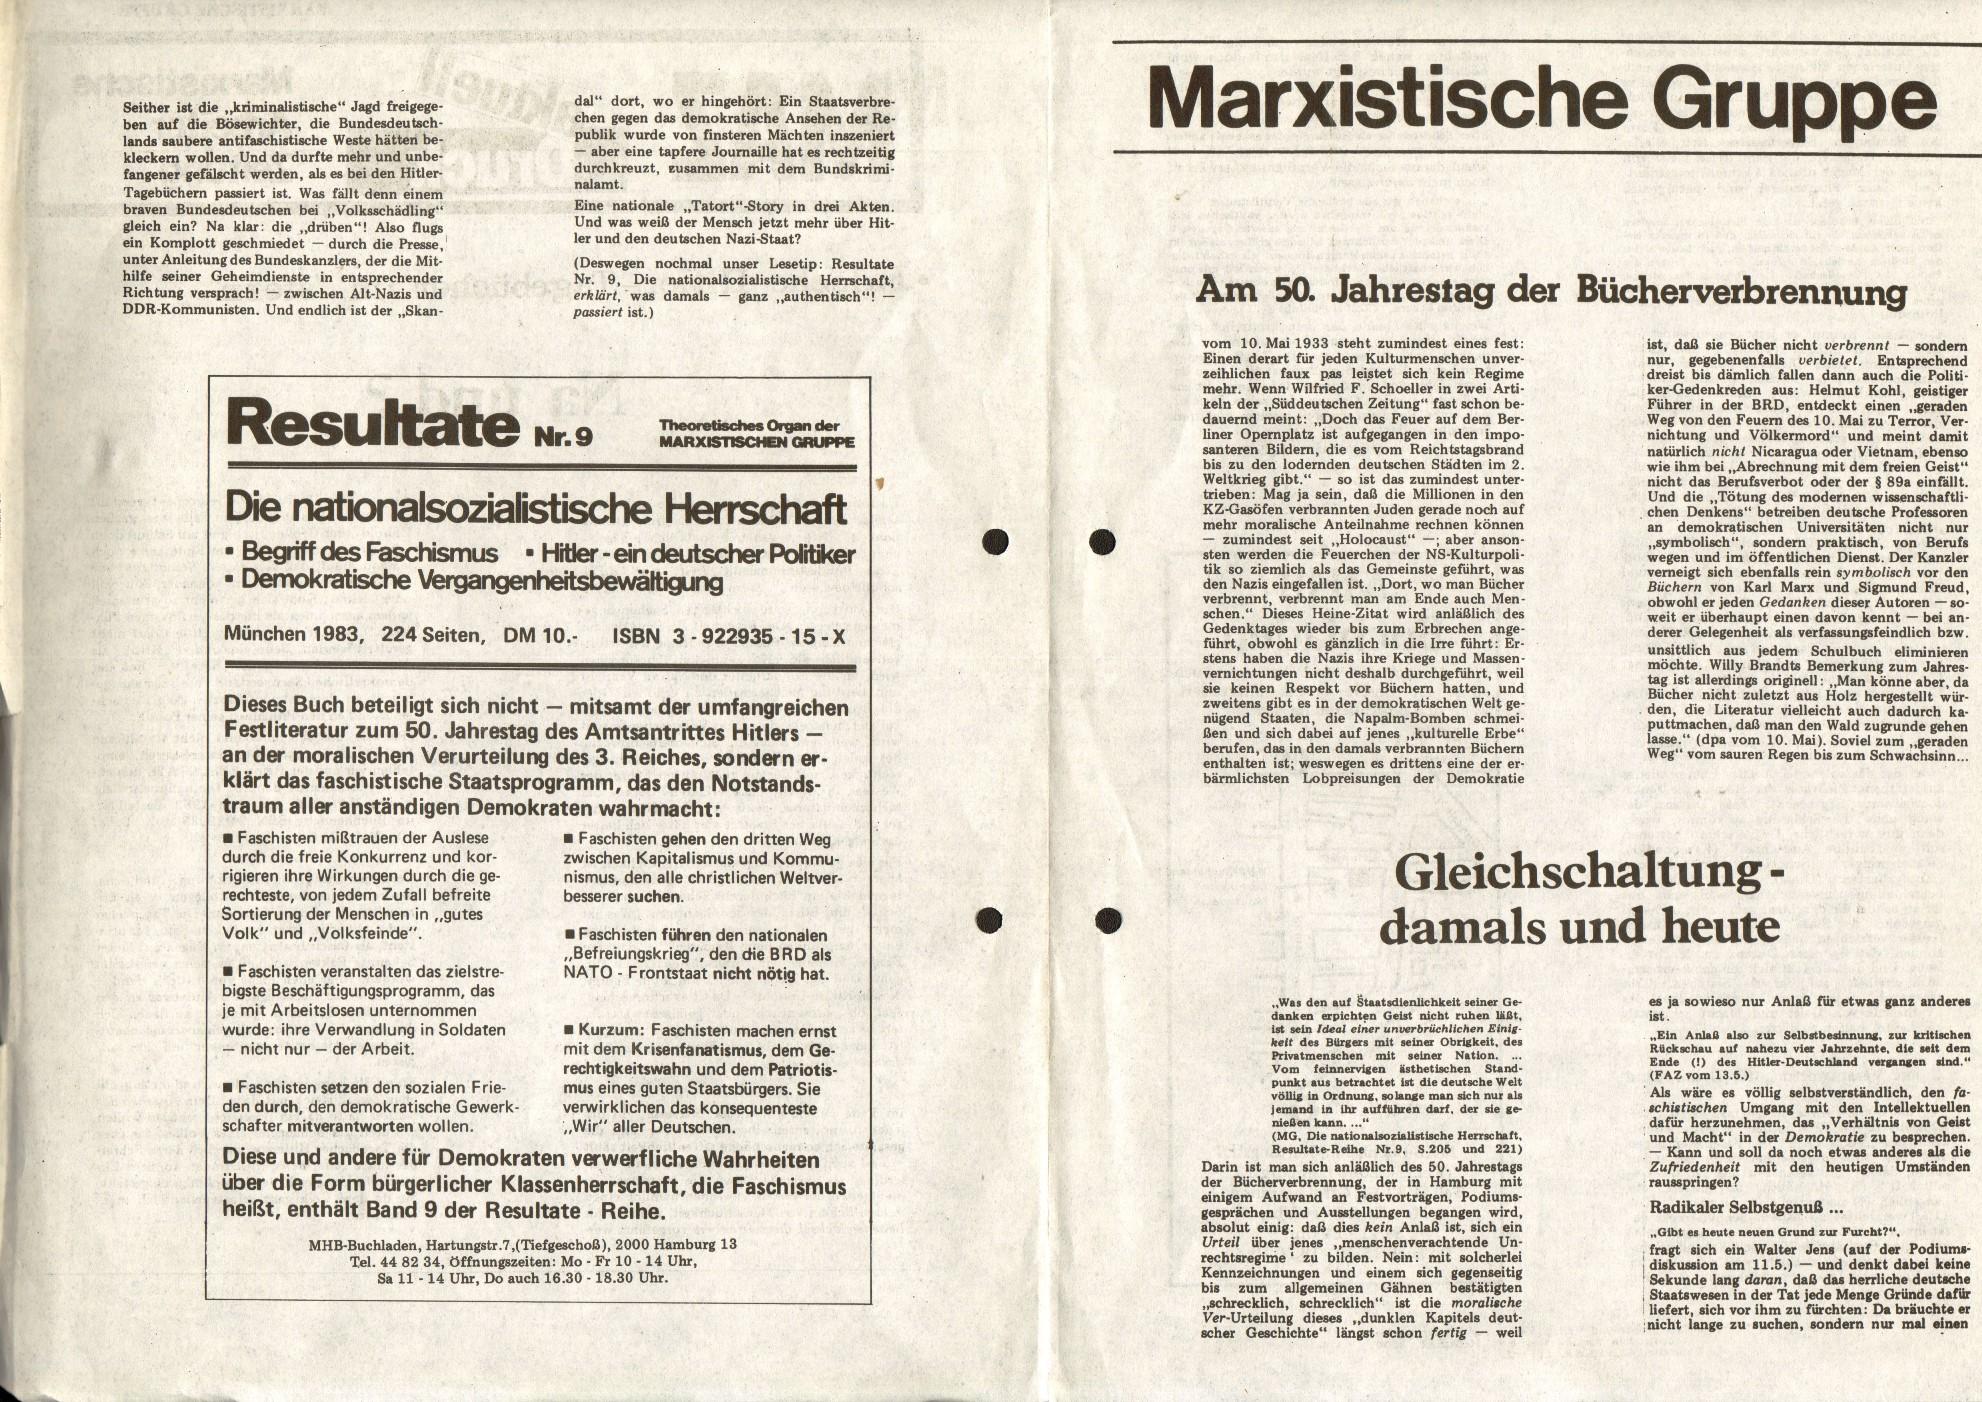 Hamburg_MG_MAZ_Druck_19830517_aktuell_02